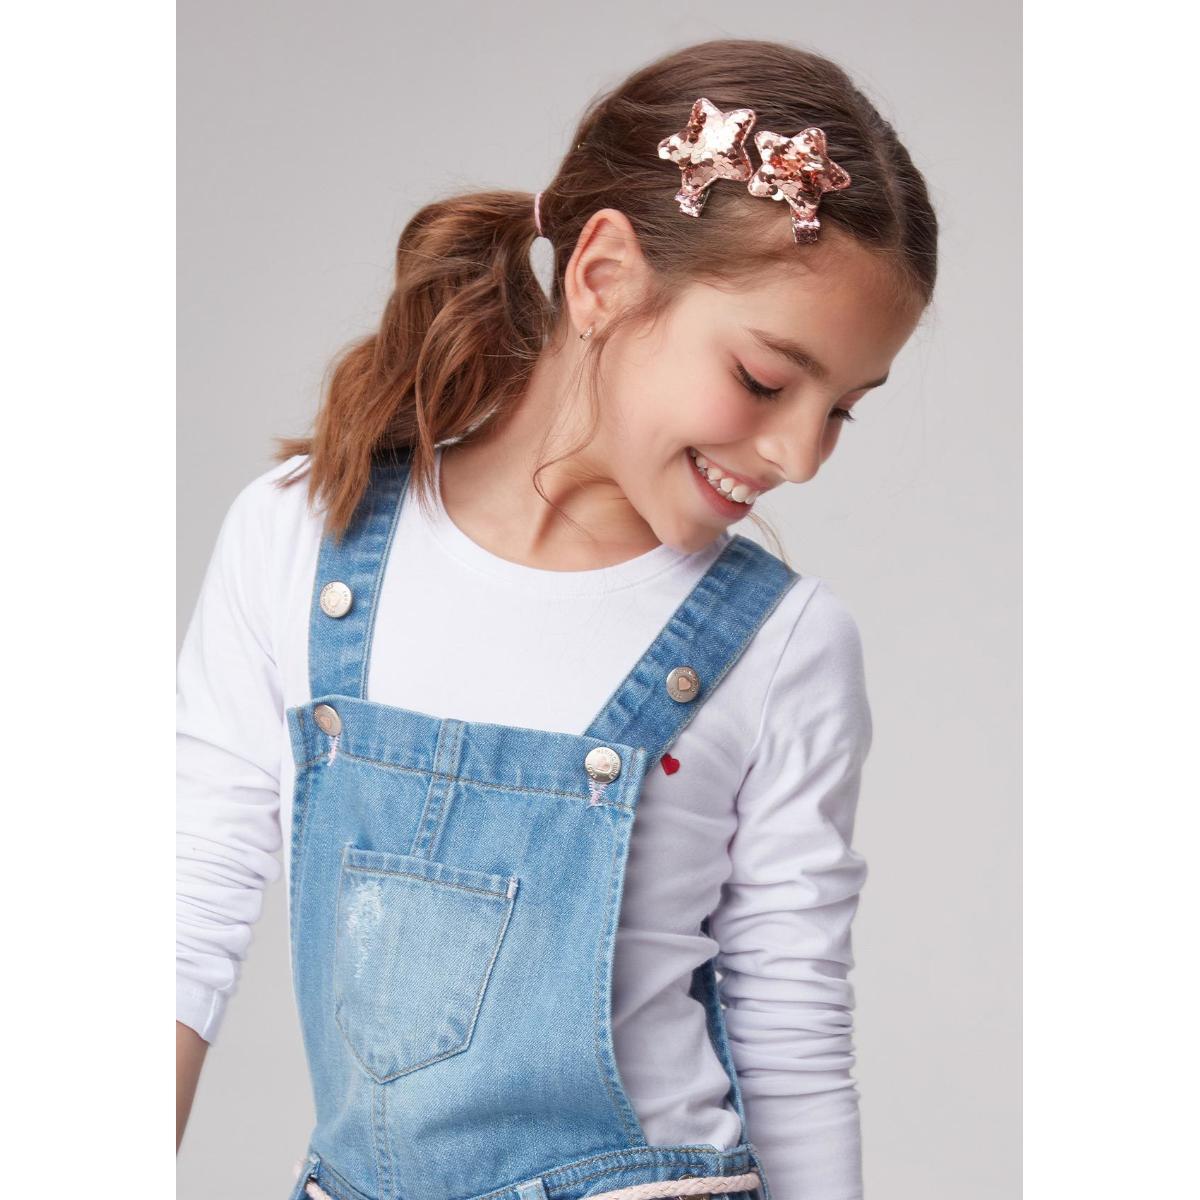 Tiara Fem Infantil Hering Kids Kz1f 1asi Rose